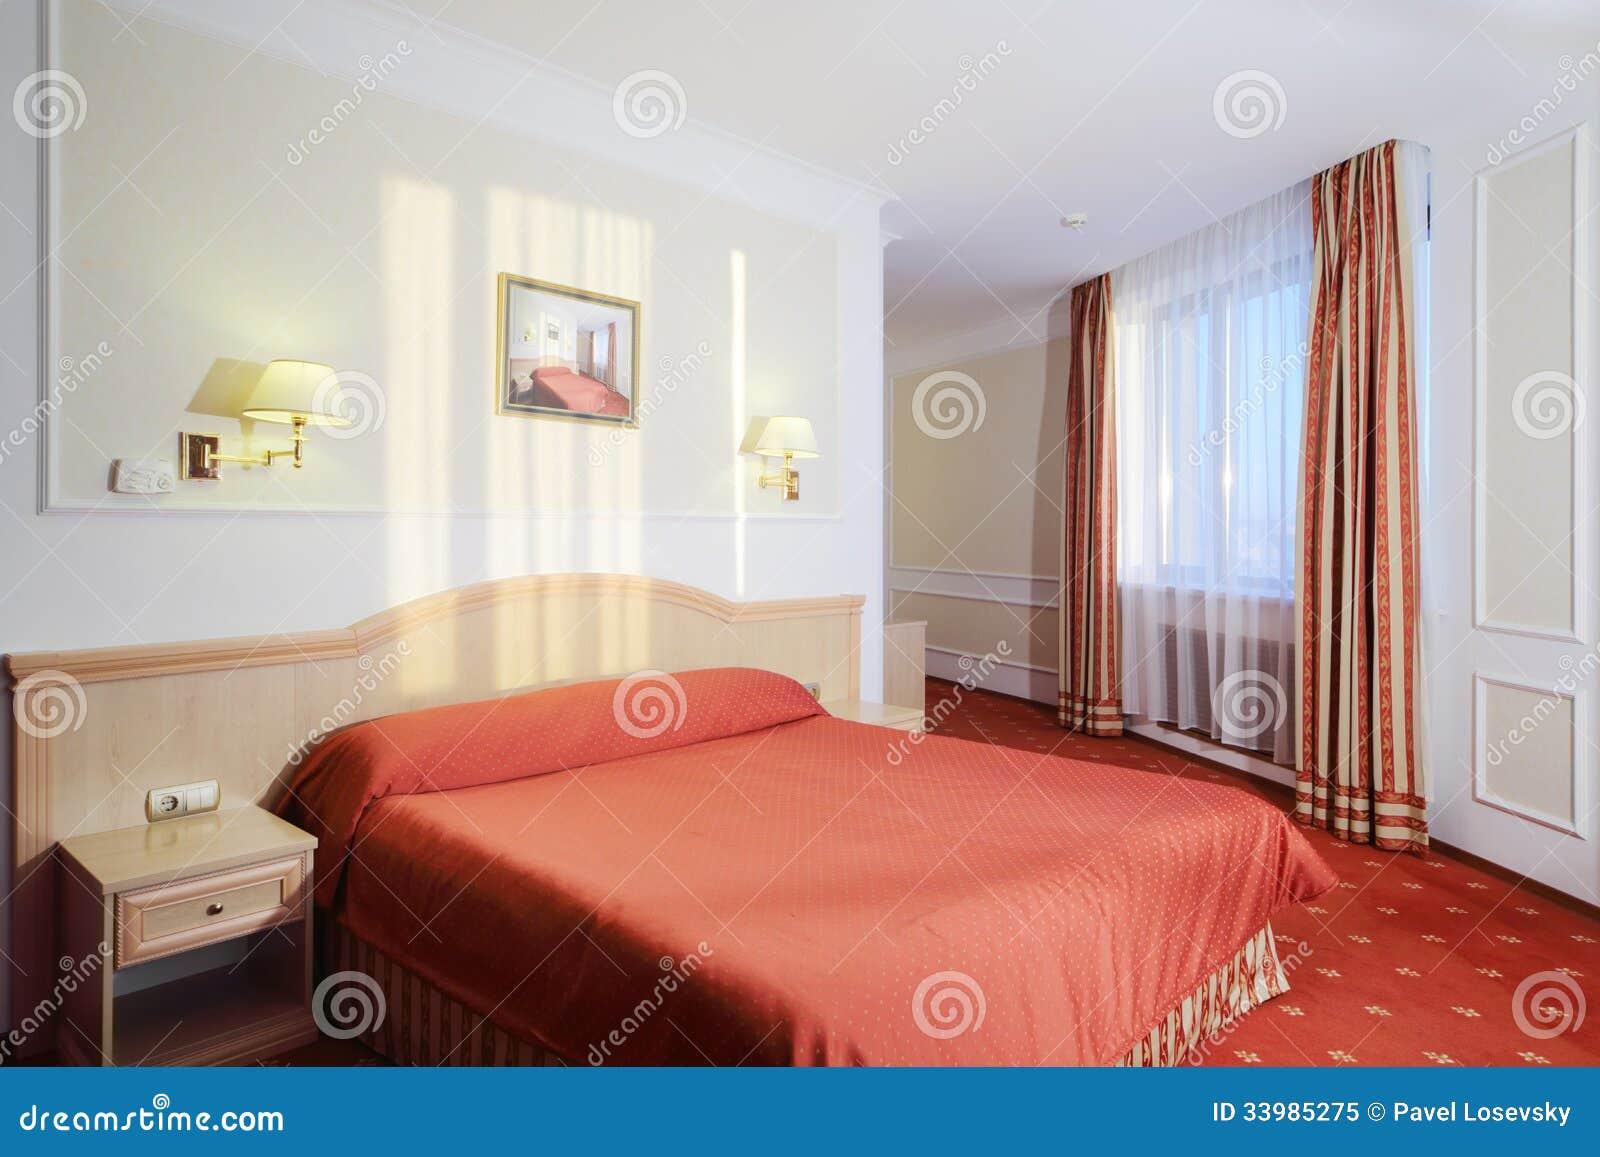 Einfaches Schlafzimmer Mit Doppelbett Rotem Leinen Roter